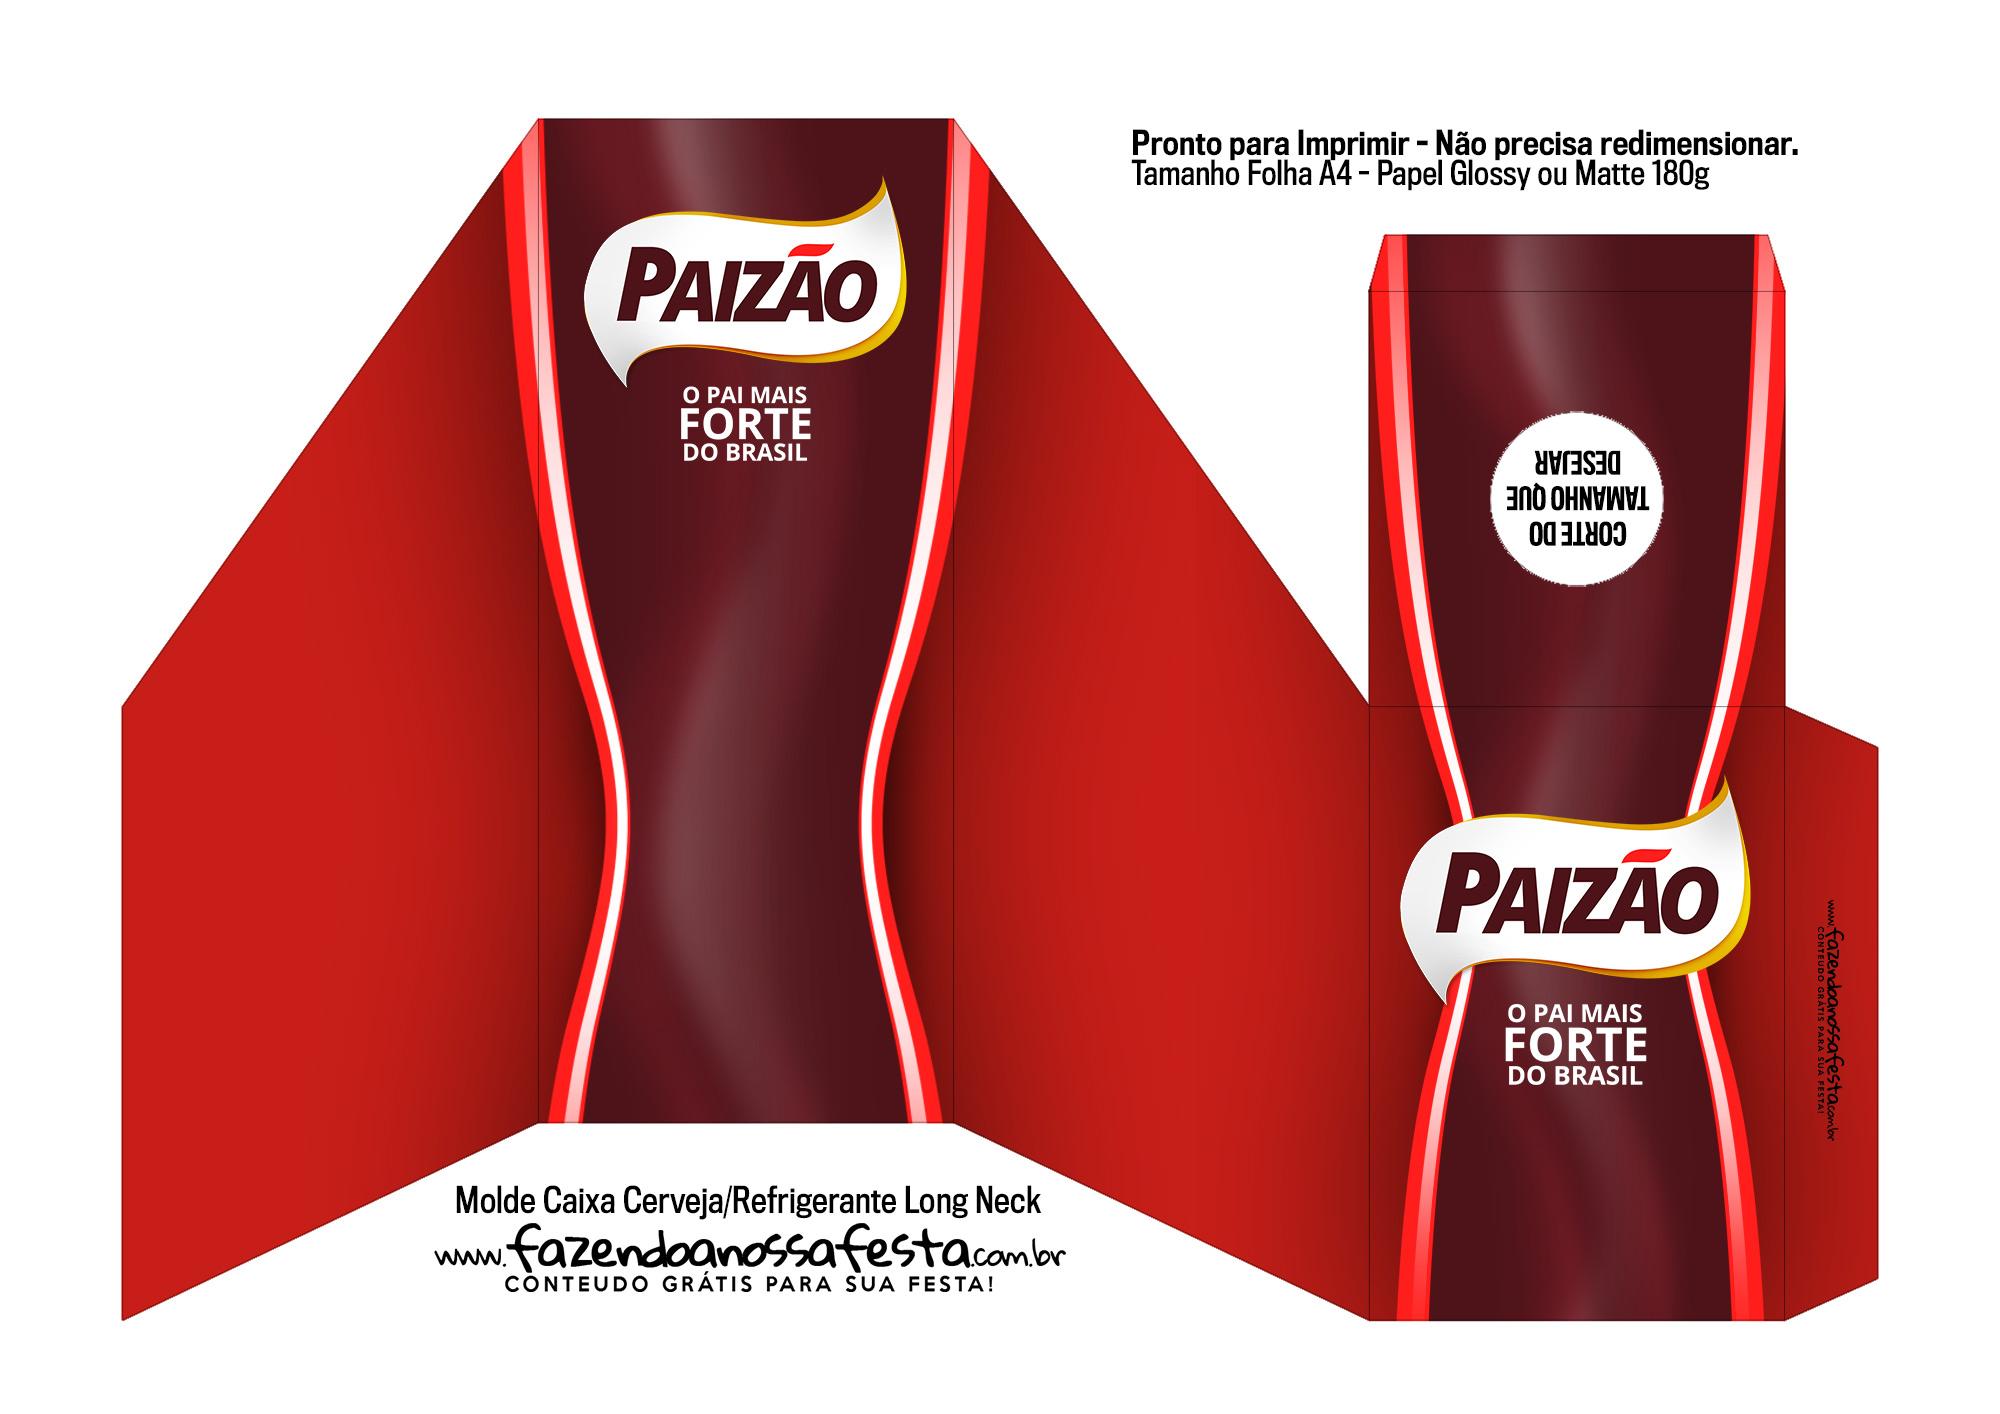 Caixa Cerveja Refrigerante Long Neck para Dia dos Pais Cafe Paizão 2